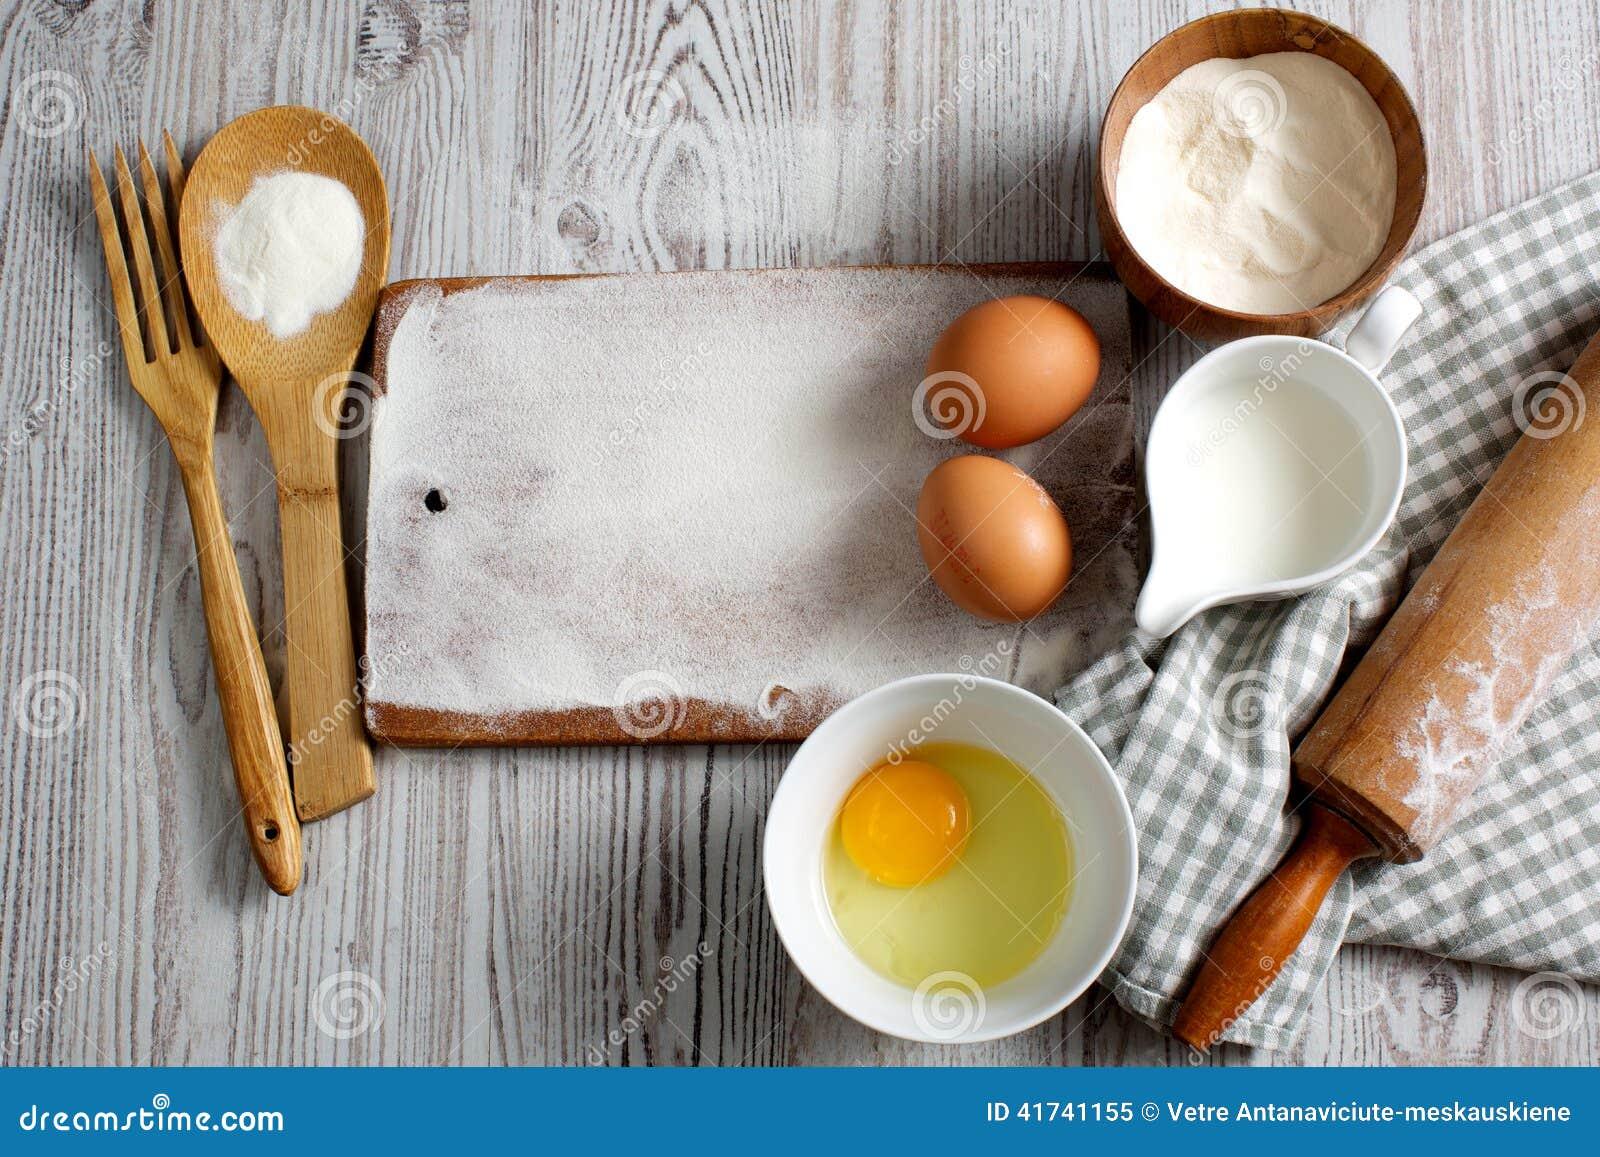 Ingredienti e strumenti della cucina immagine stock for Strumenti di cucina